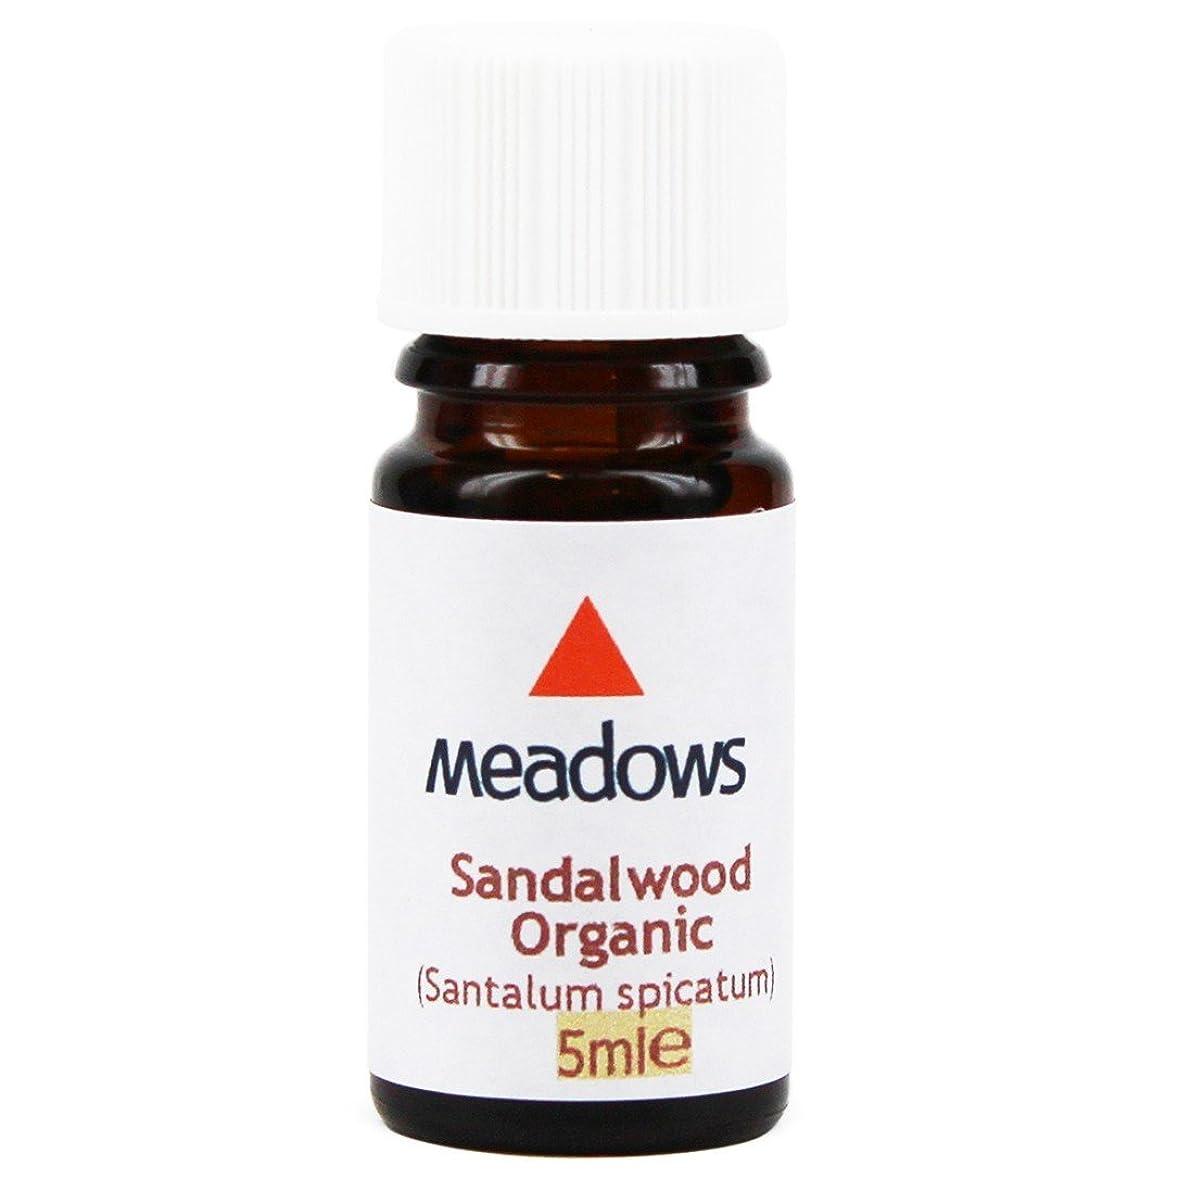 救出笑い遺棄されたメドウズ エッセンシャルオイル サンダルウッド 5ml